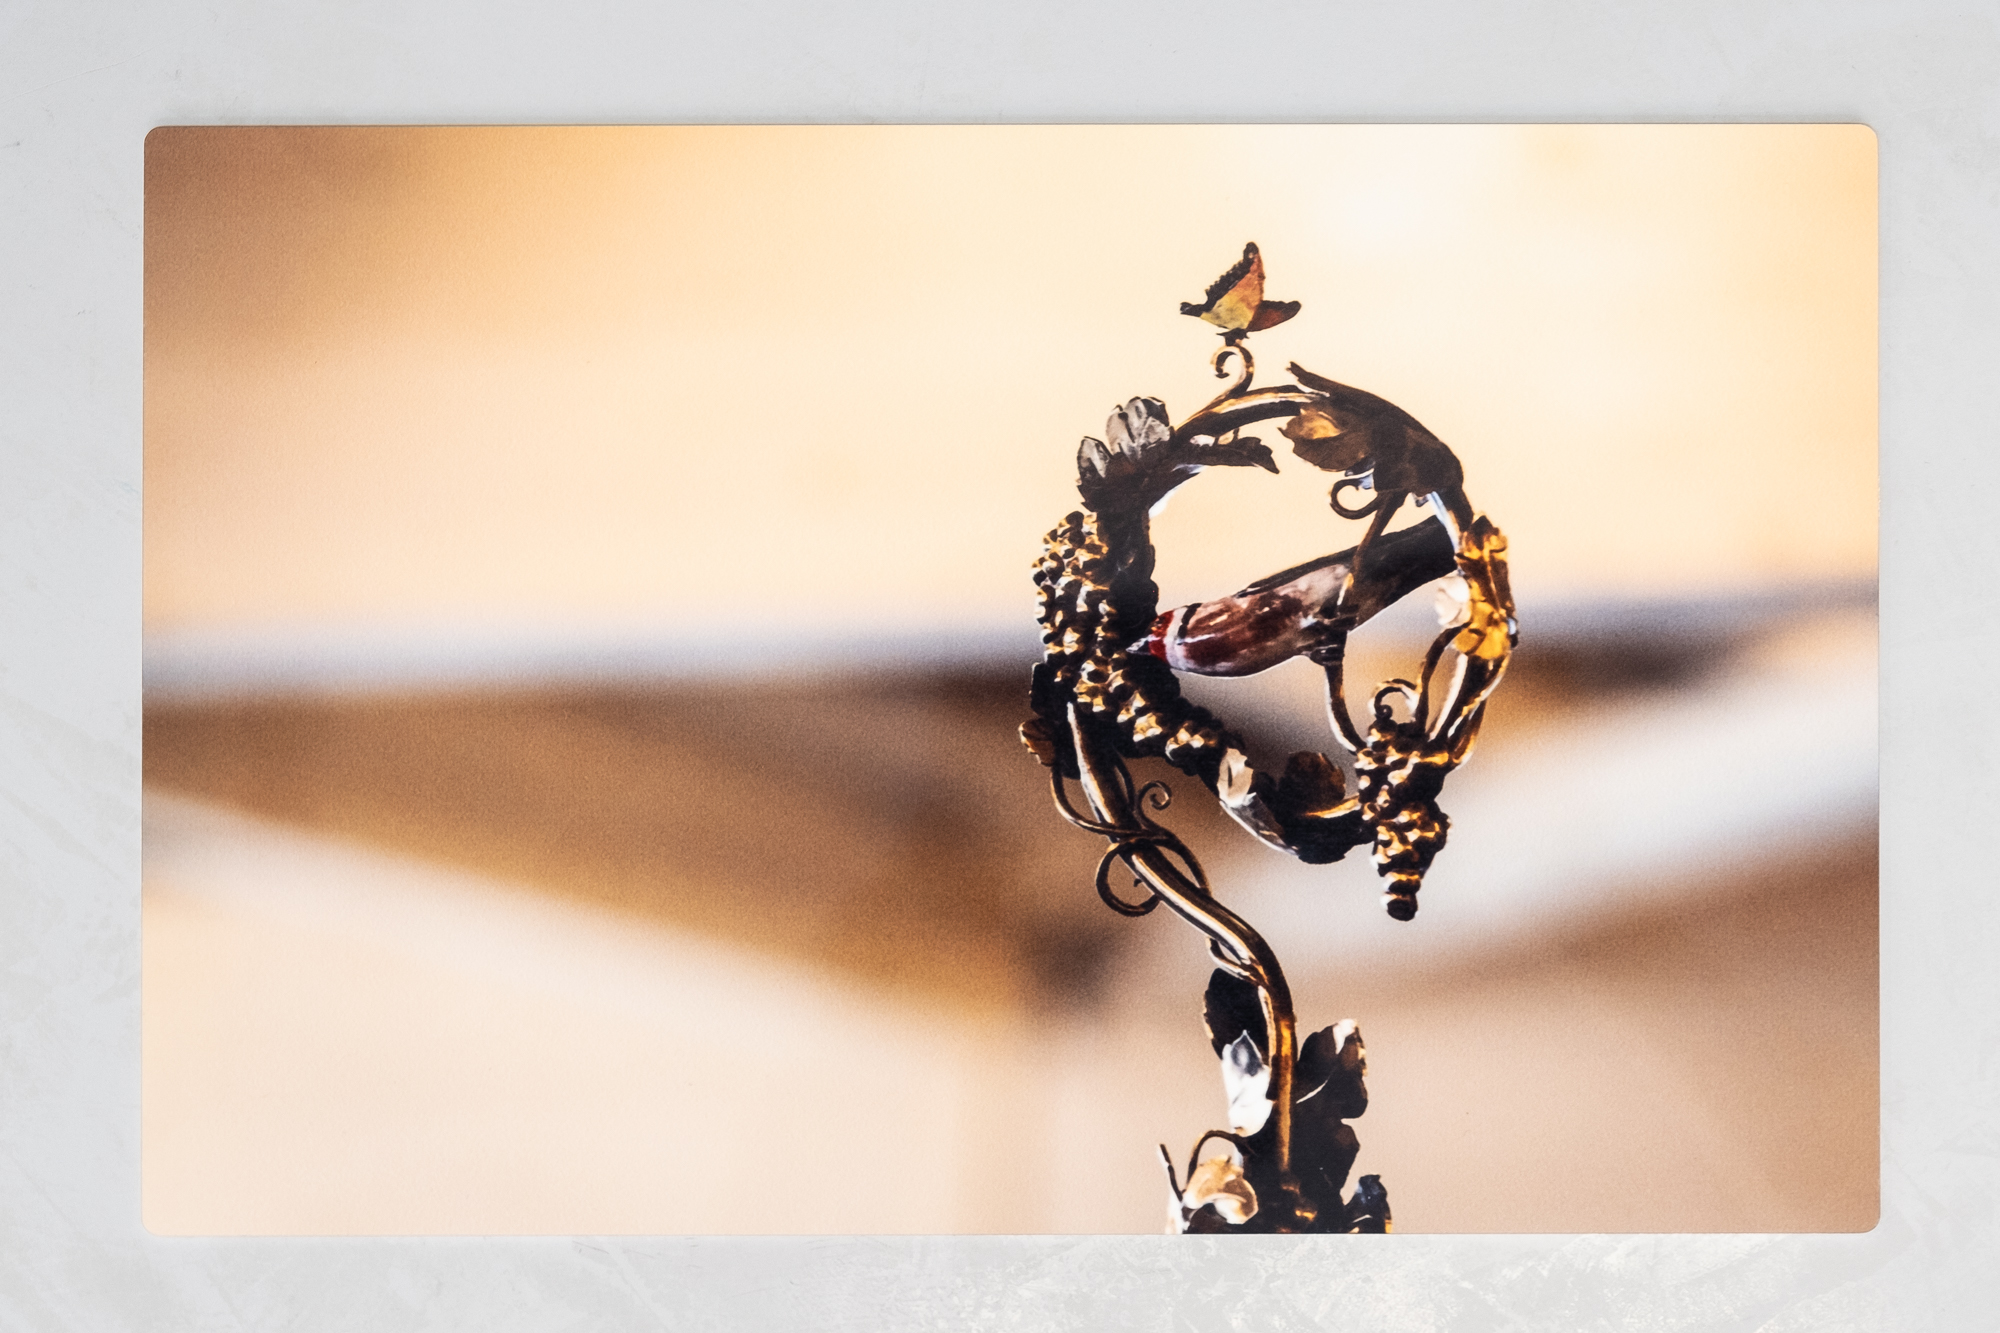 Impression sur alu, photographies officielles de la Fête des Vignerons 2019